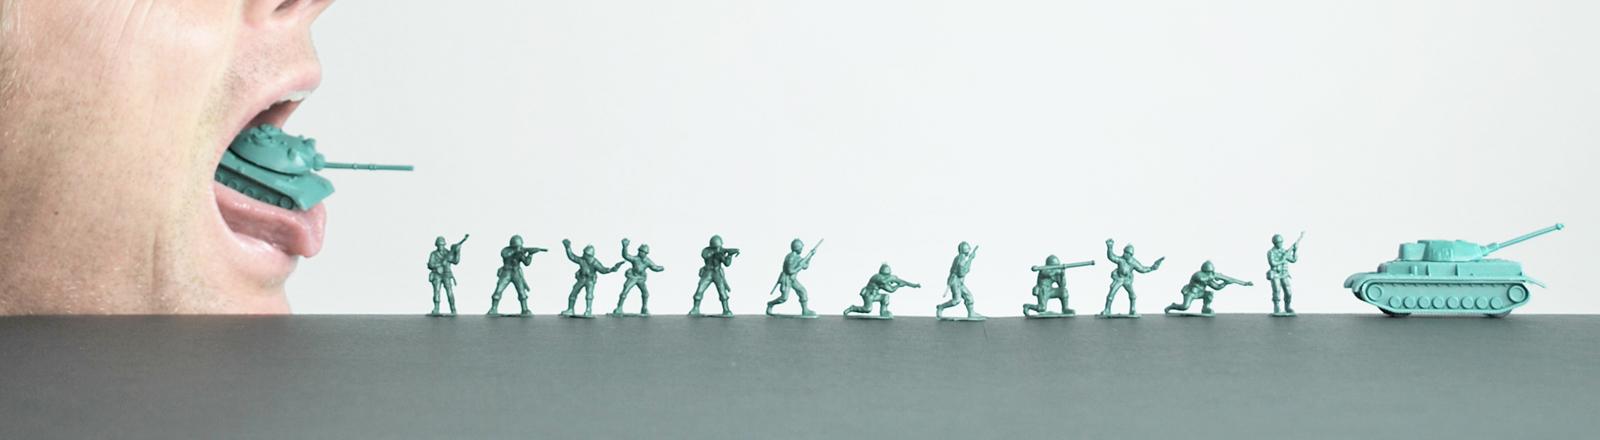 Spielzeugsoldaten und Panzer